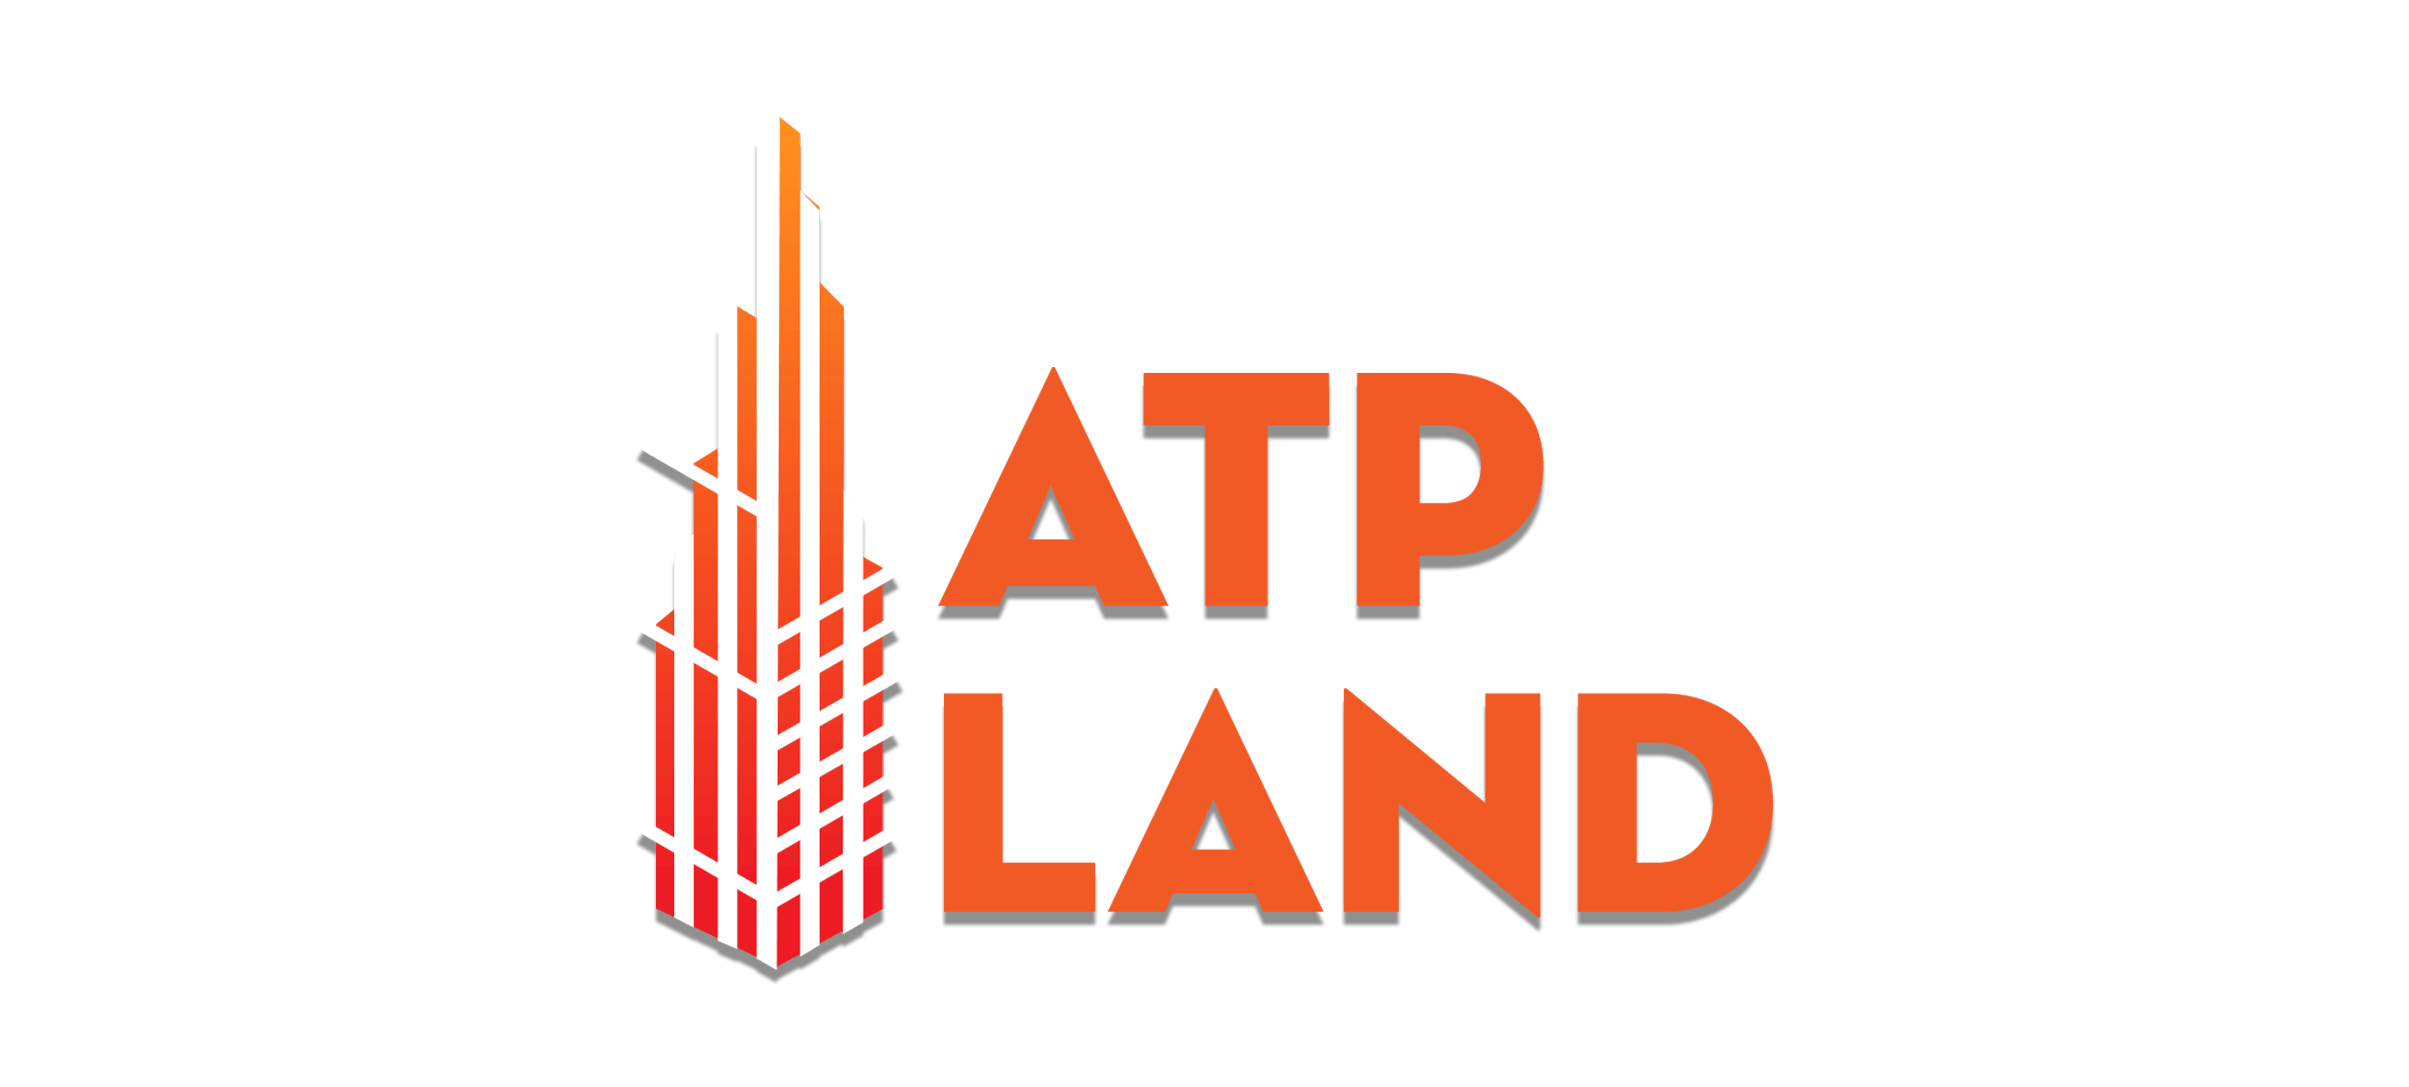 ATPLand | Nhà đất | Mua bán nhà đất | Cho thuê nhà đất | Bất động sản